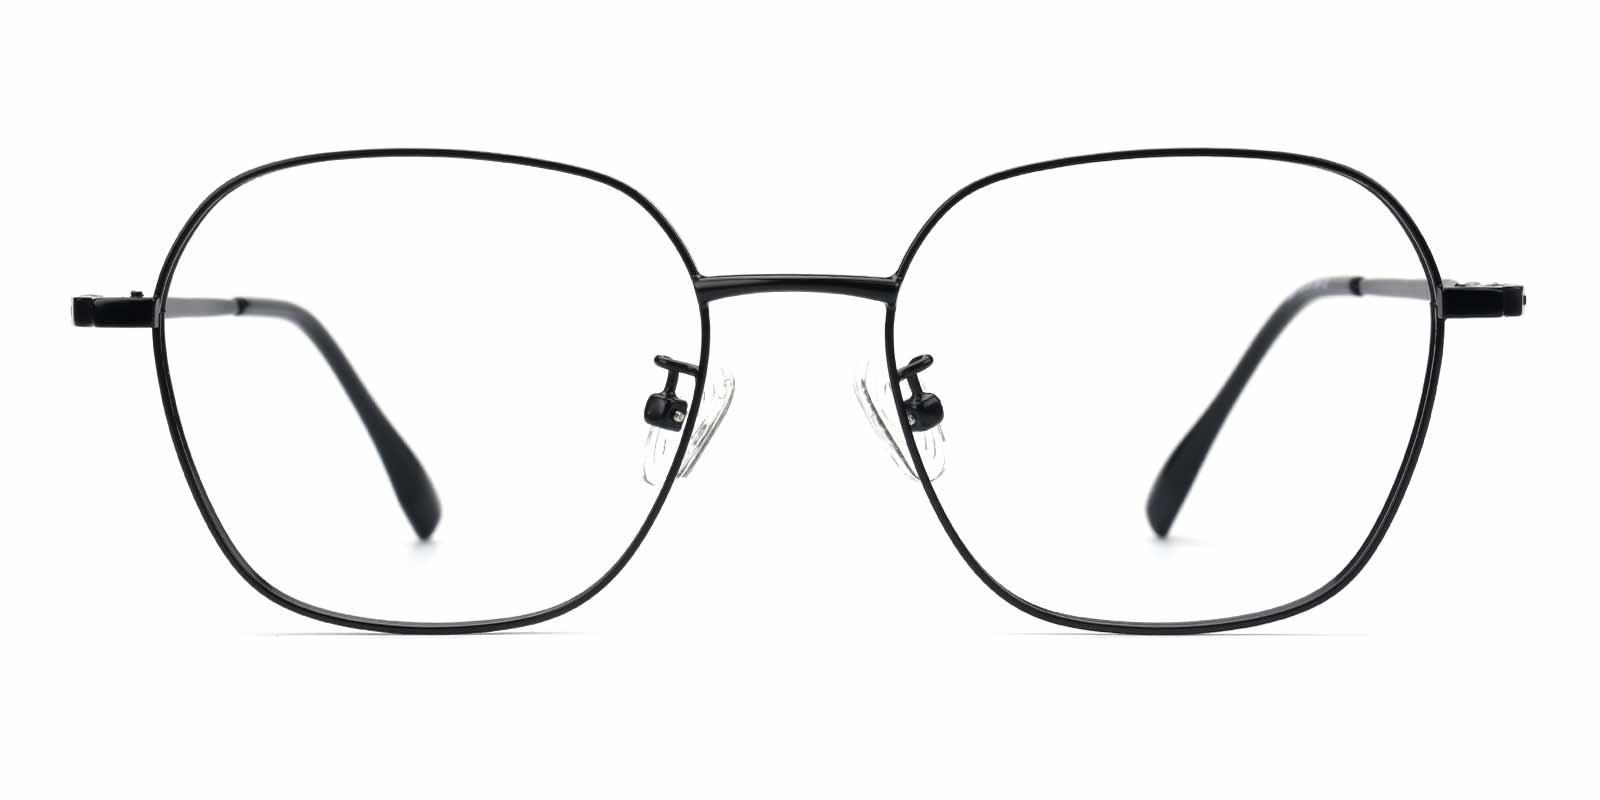 Aidan-Black-Square-Metal-Eyeglasses-additional2